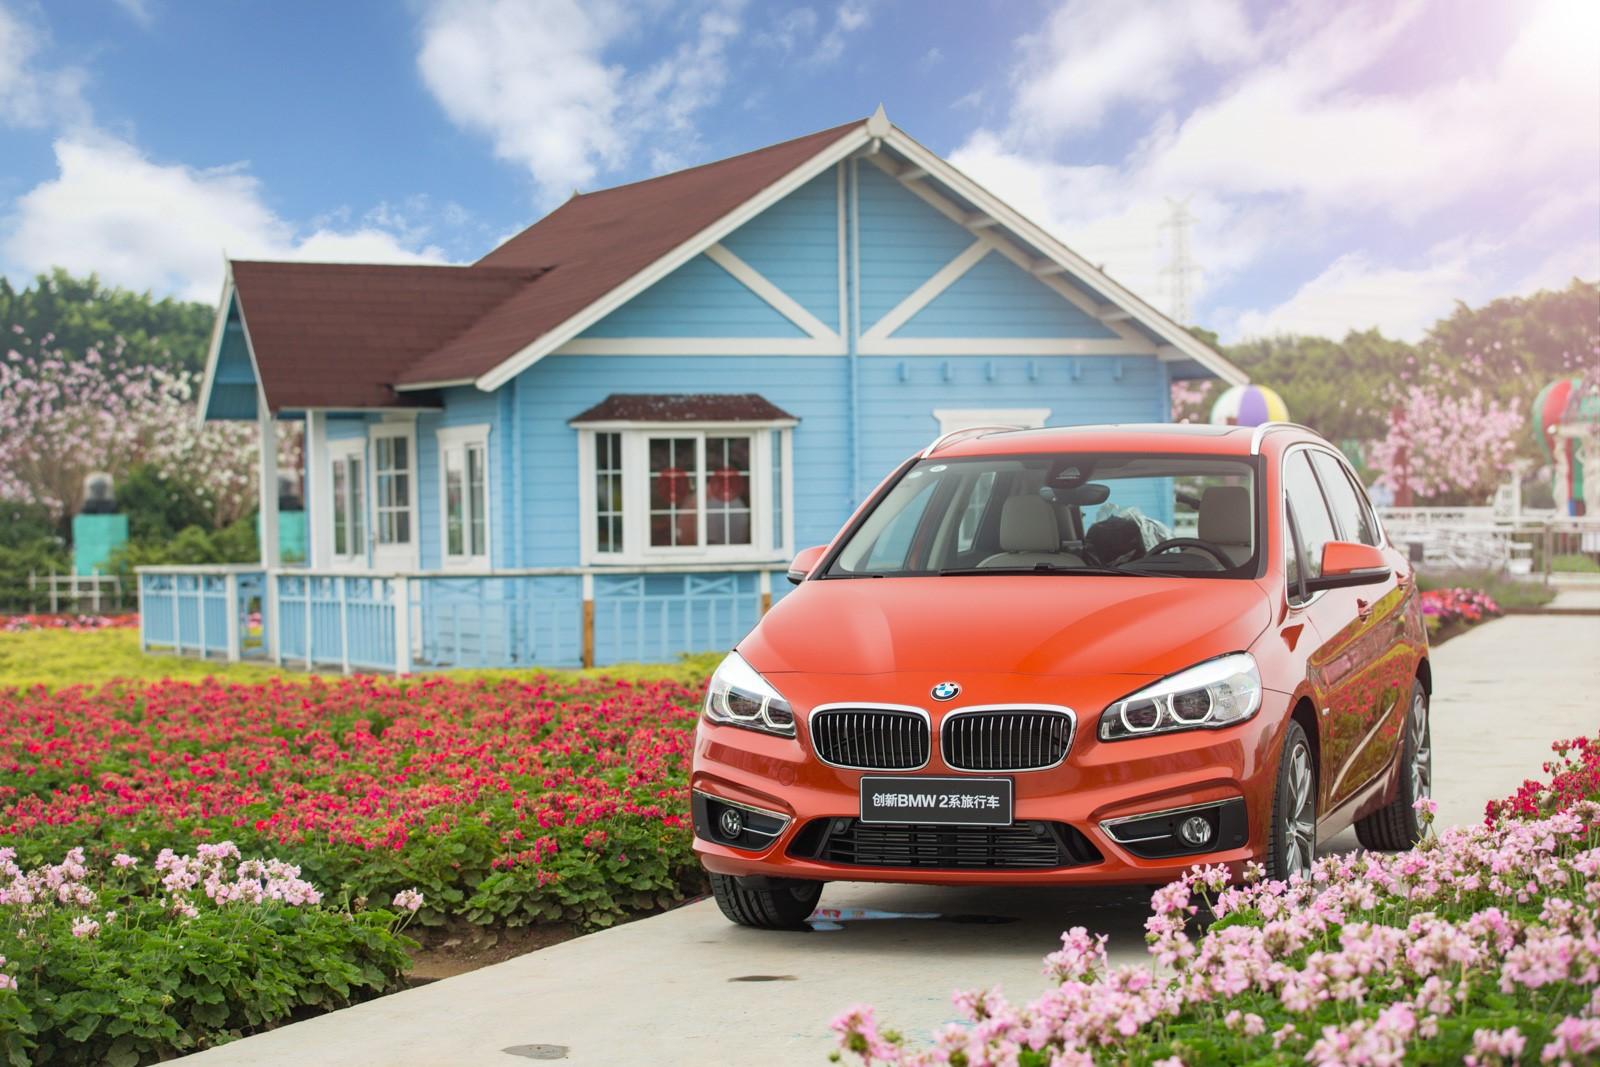 不负春光不负卿 创新BMW 2系旅行车灵动多彩生活